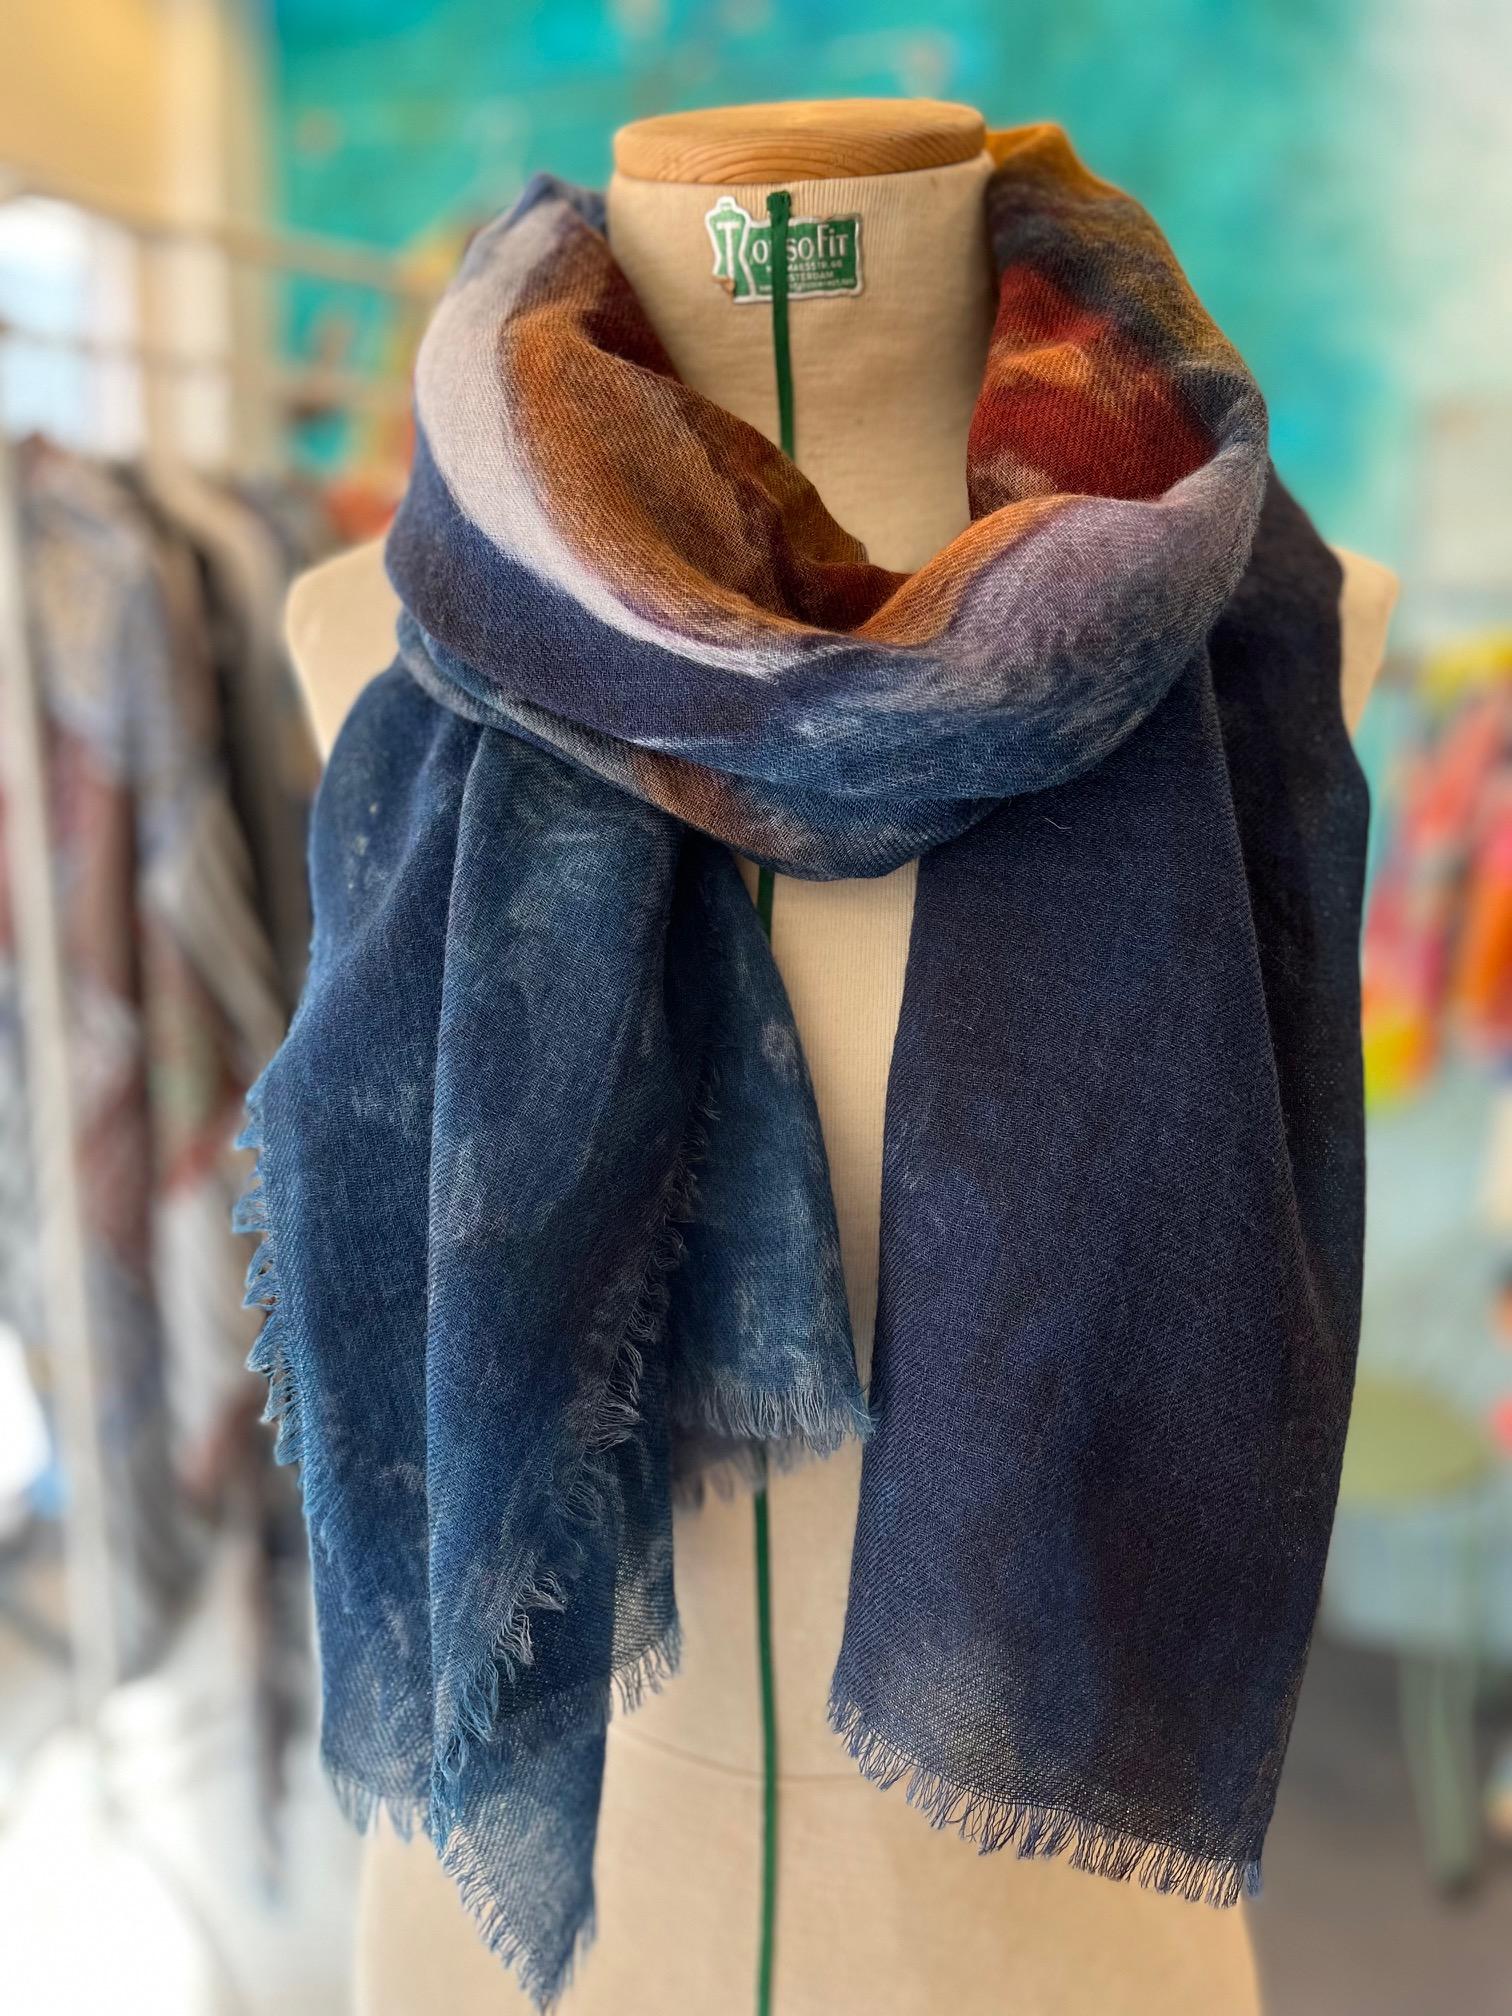 Otracosa art shawl, van Gogh